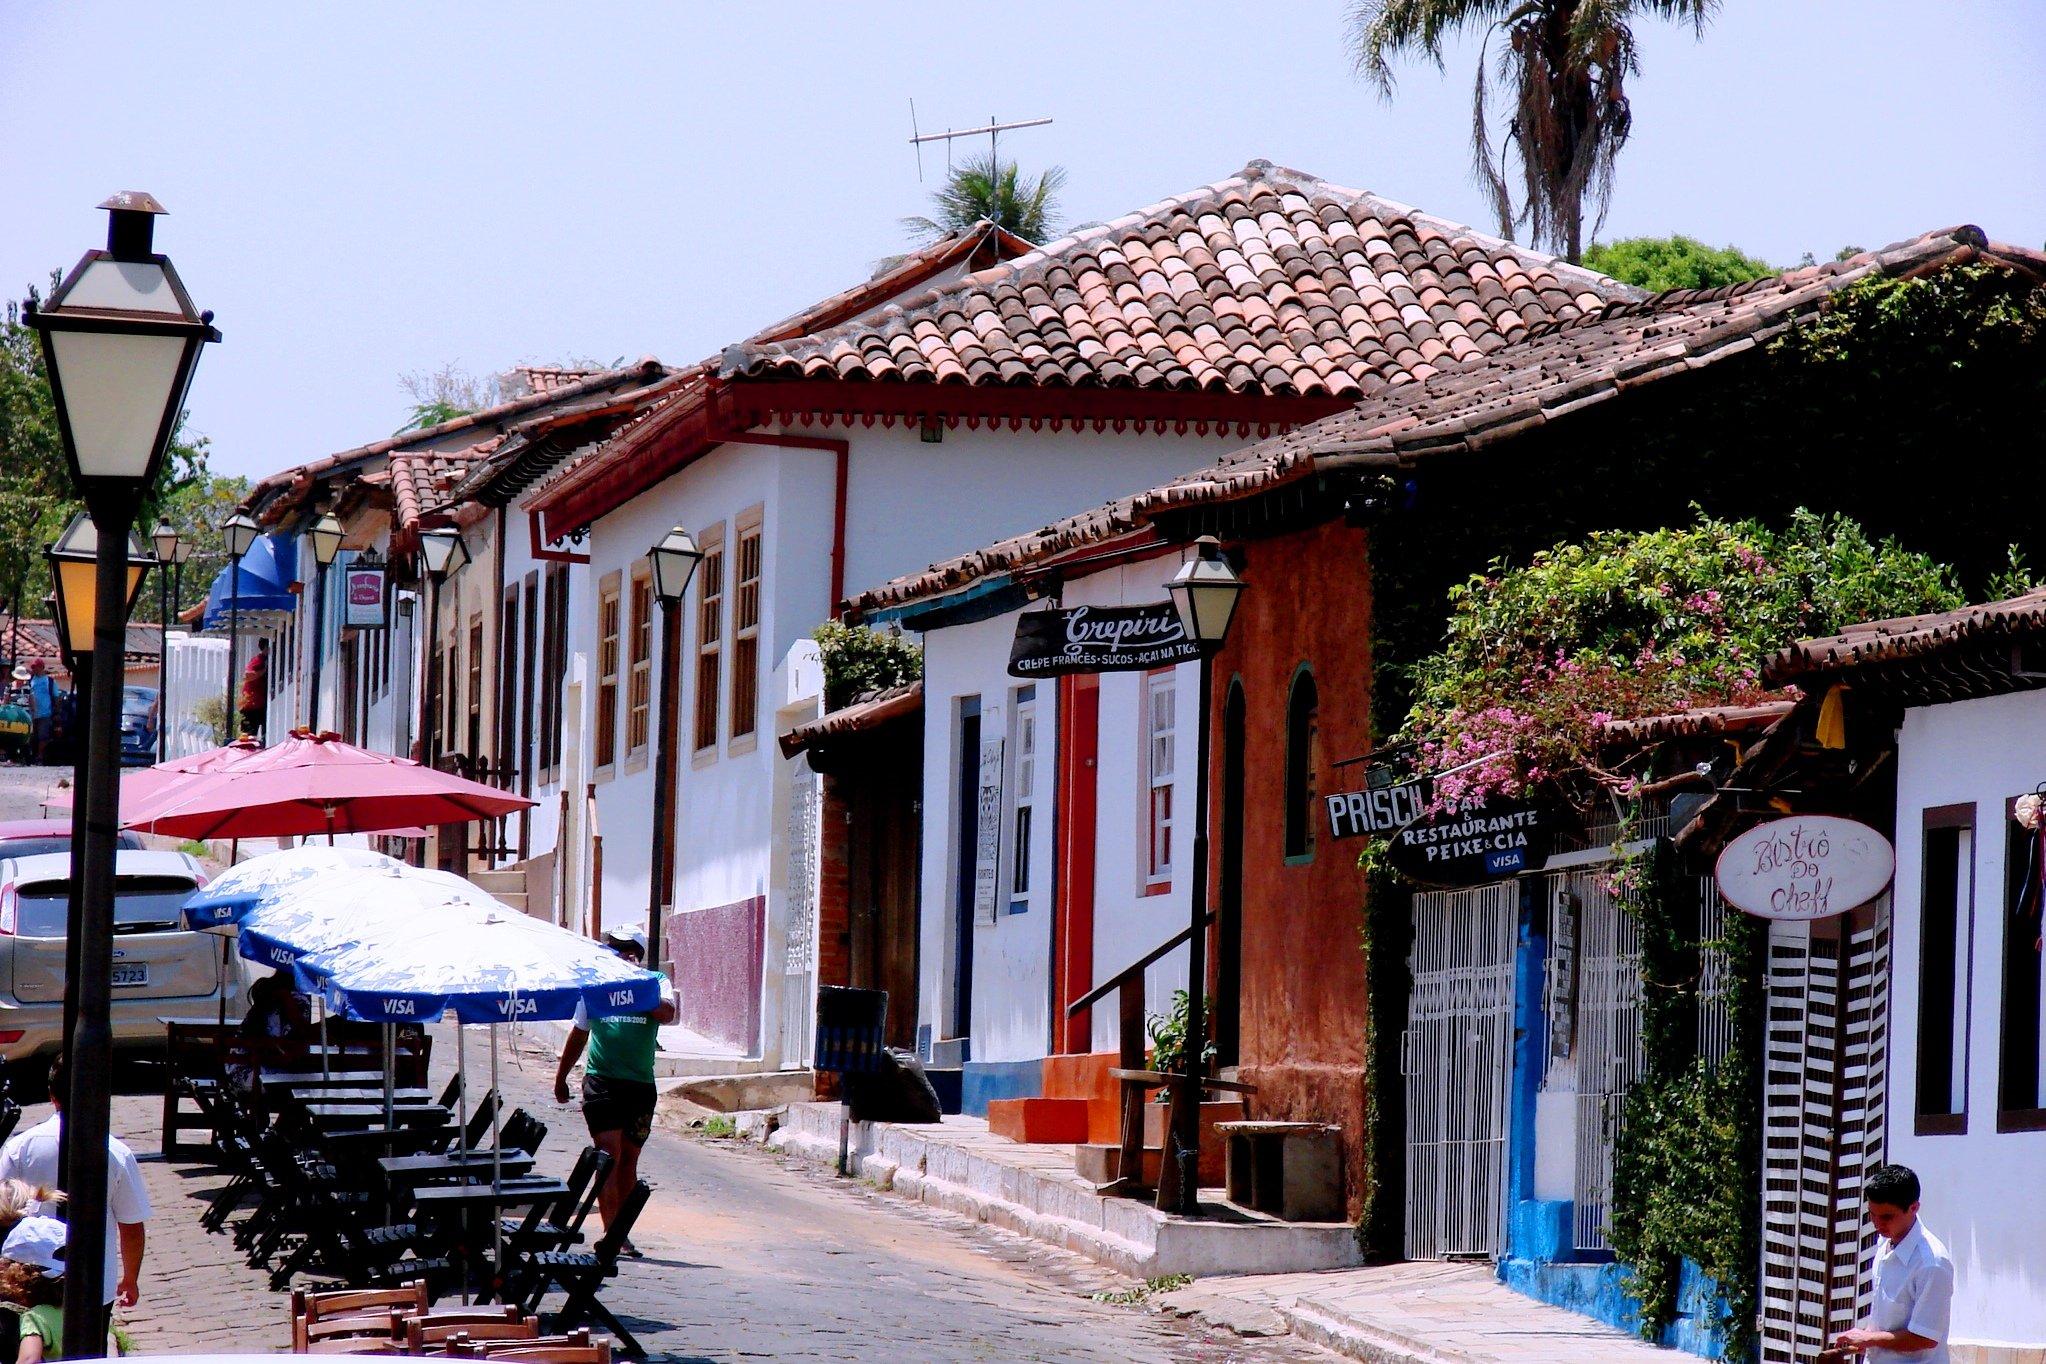 OS responsável pelo Hospital Estadual Ernestina Lopes Jaime (HEELJ), em Pirenópolis, abriu edital para contratação de colaboradores | Foto: Reprodução